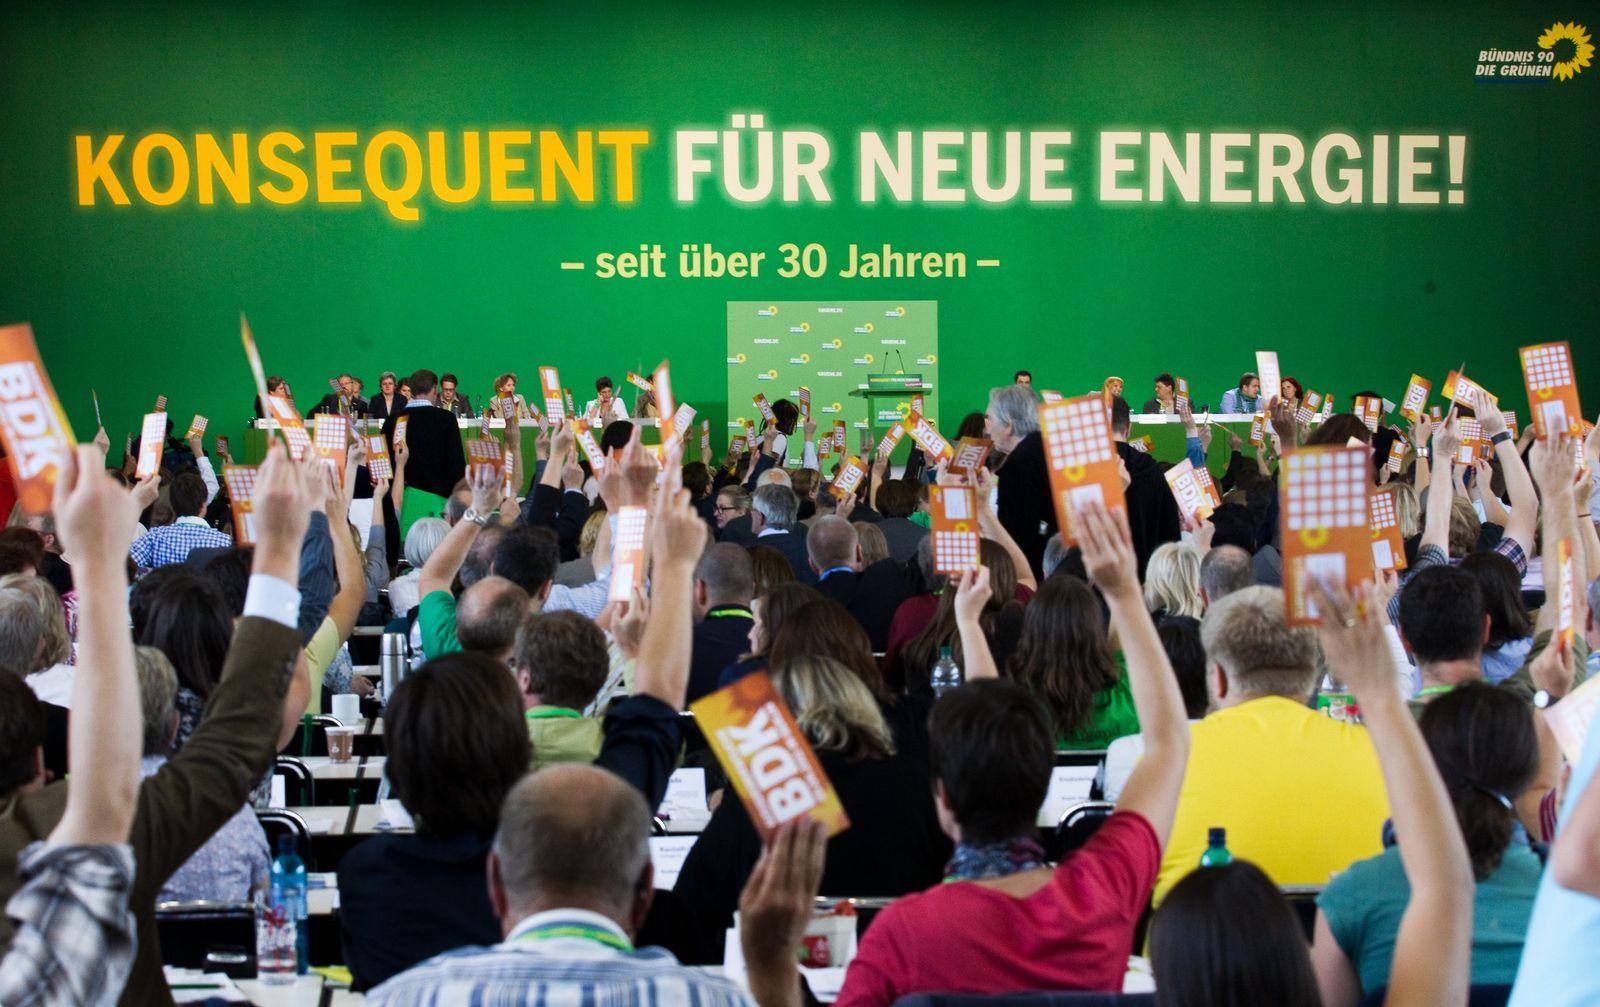 Bundesdelegiertenkonferenz der Grünen / Abstimmung